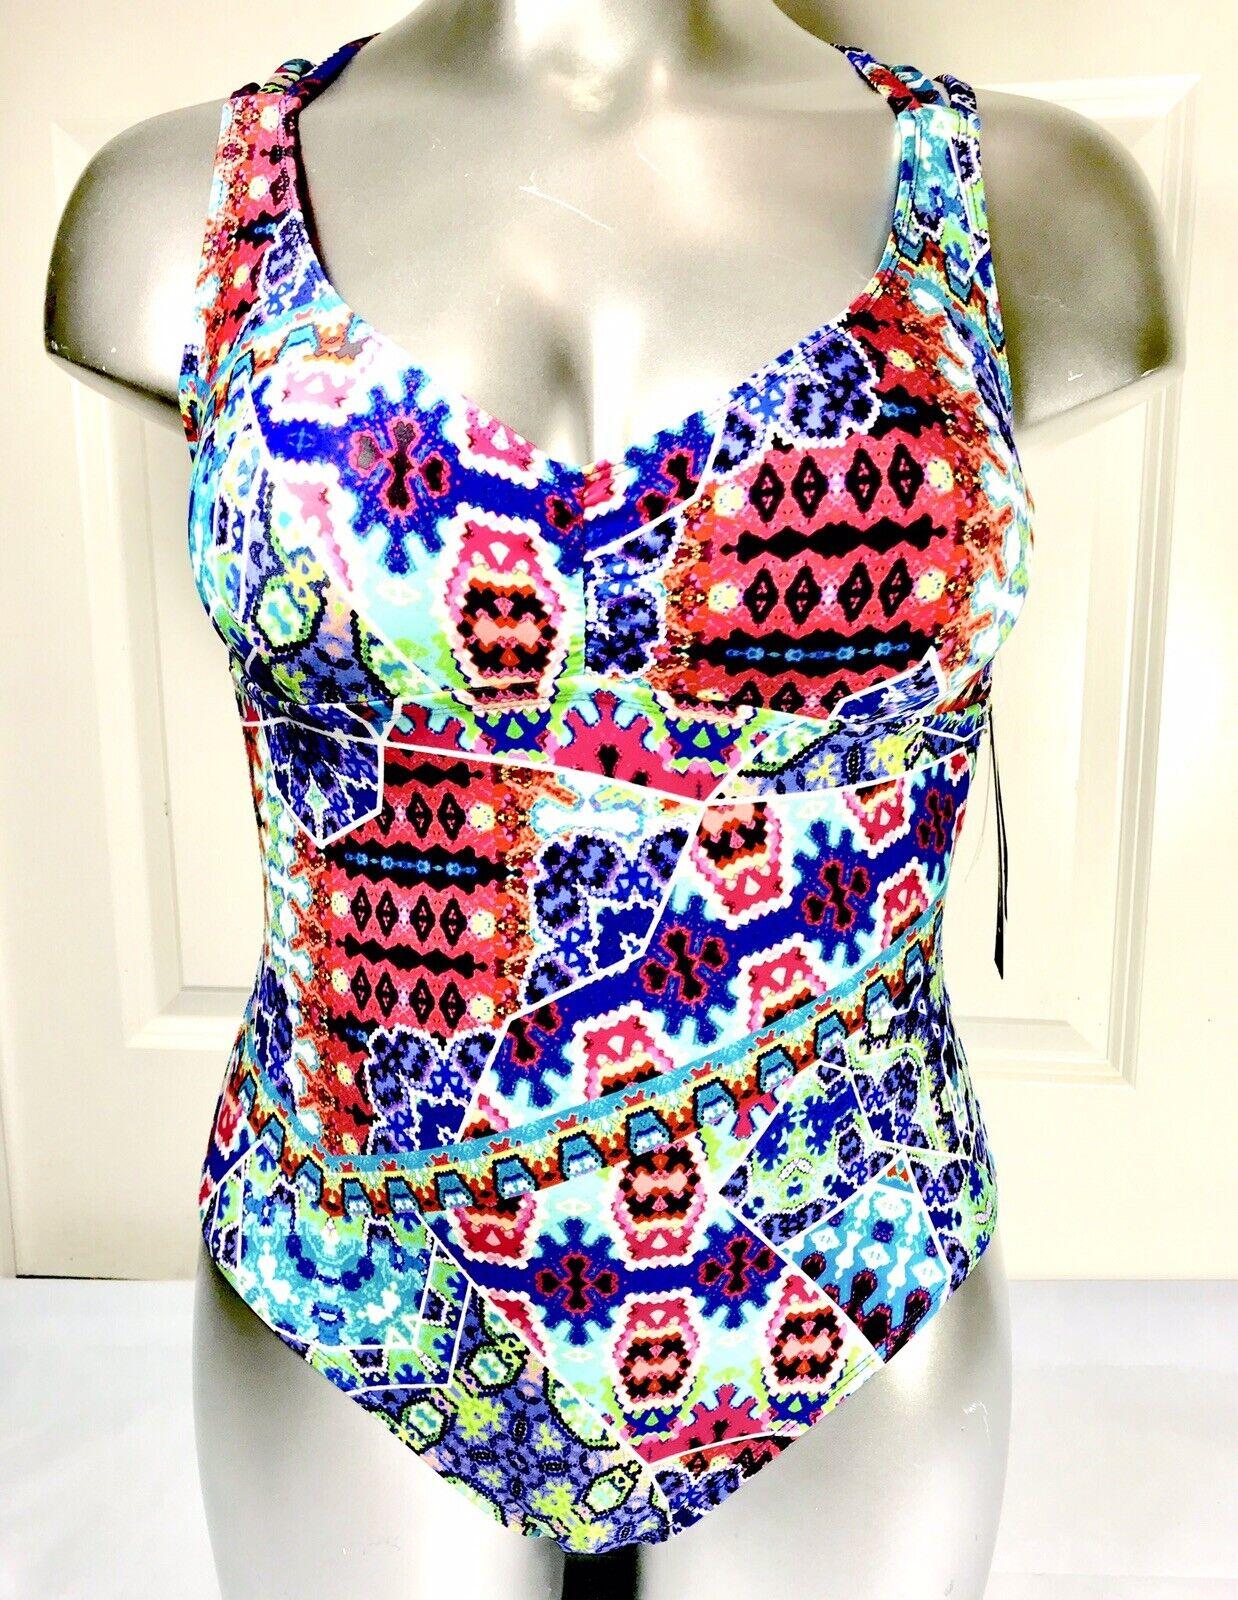 La whitea One-Piece Swimsuit Strappy 12 New Tummy Control